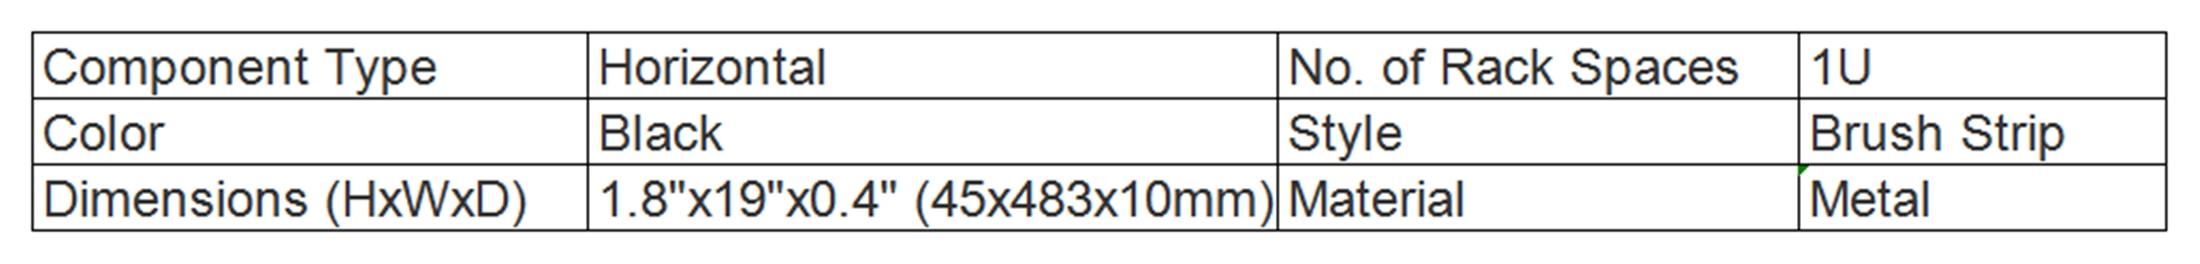 2 шт./лот 1U 19 дюймов крепление в стойку заглушка нашивка в виде номерного знака панель для монтажа в стойку пустая сетевая щетка панель кабельный менеджер